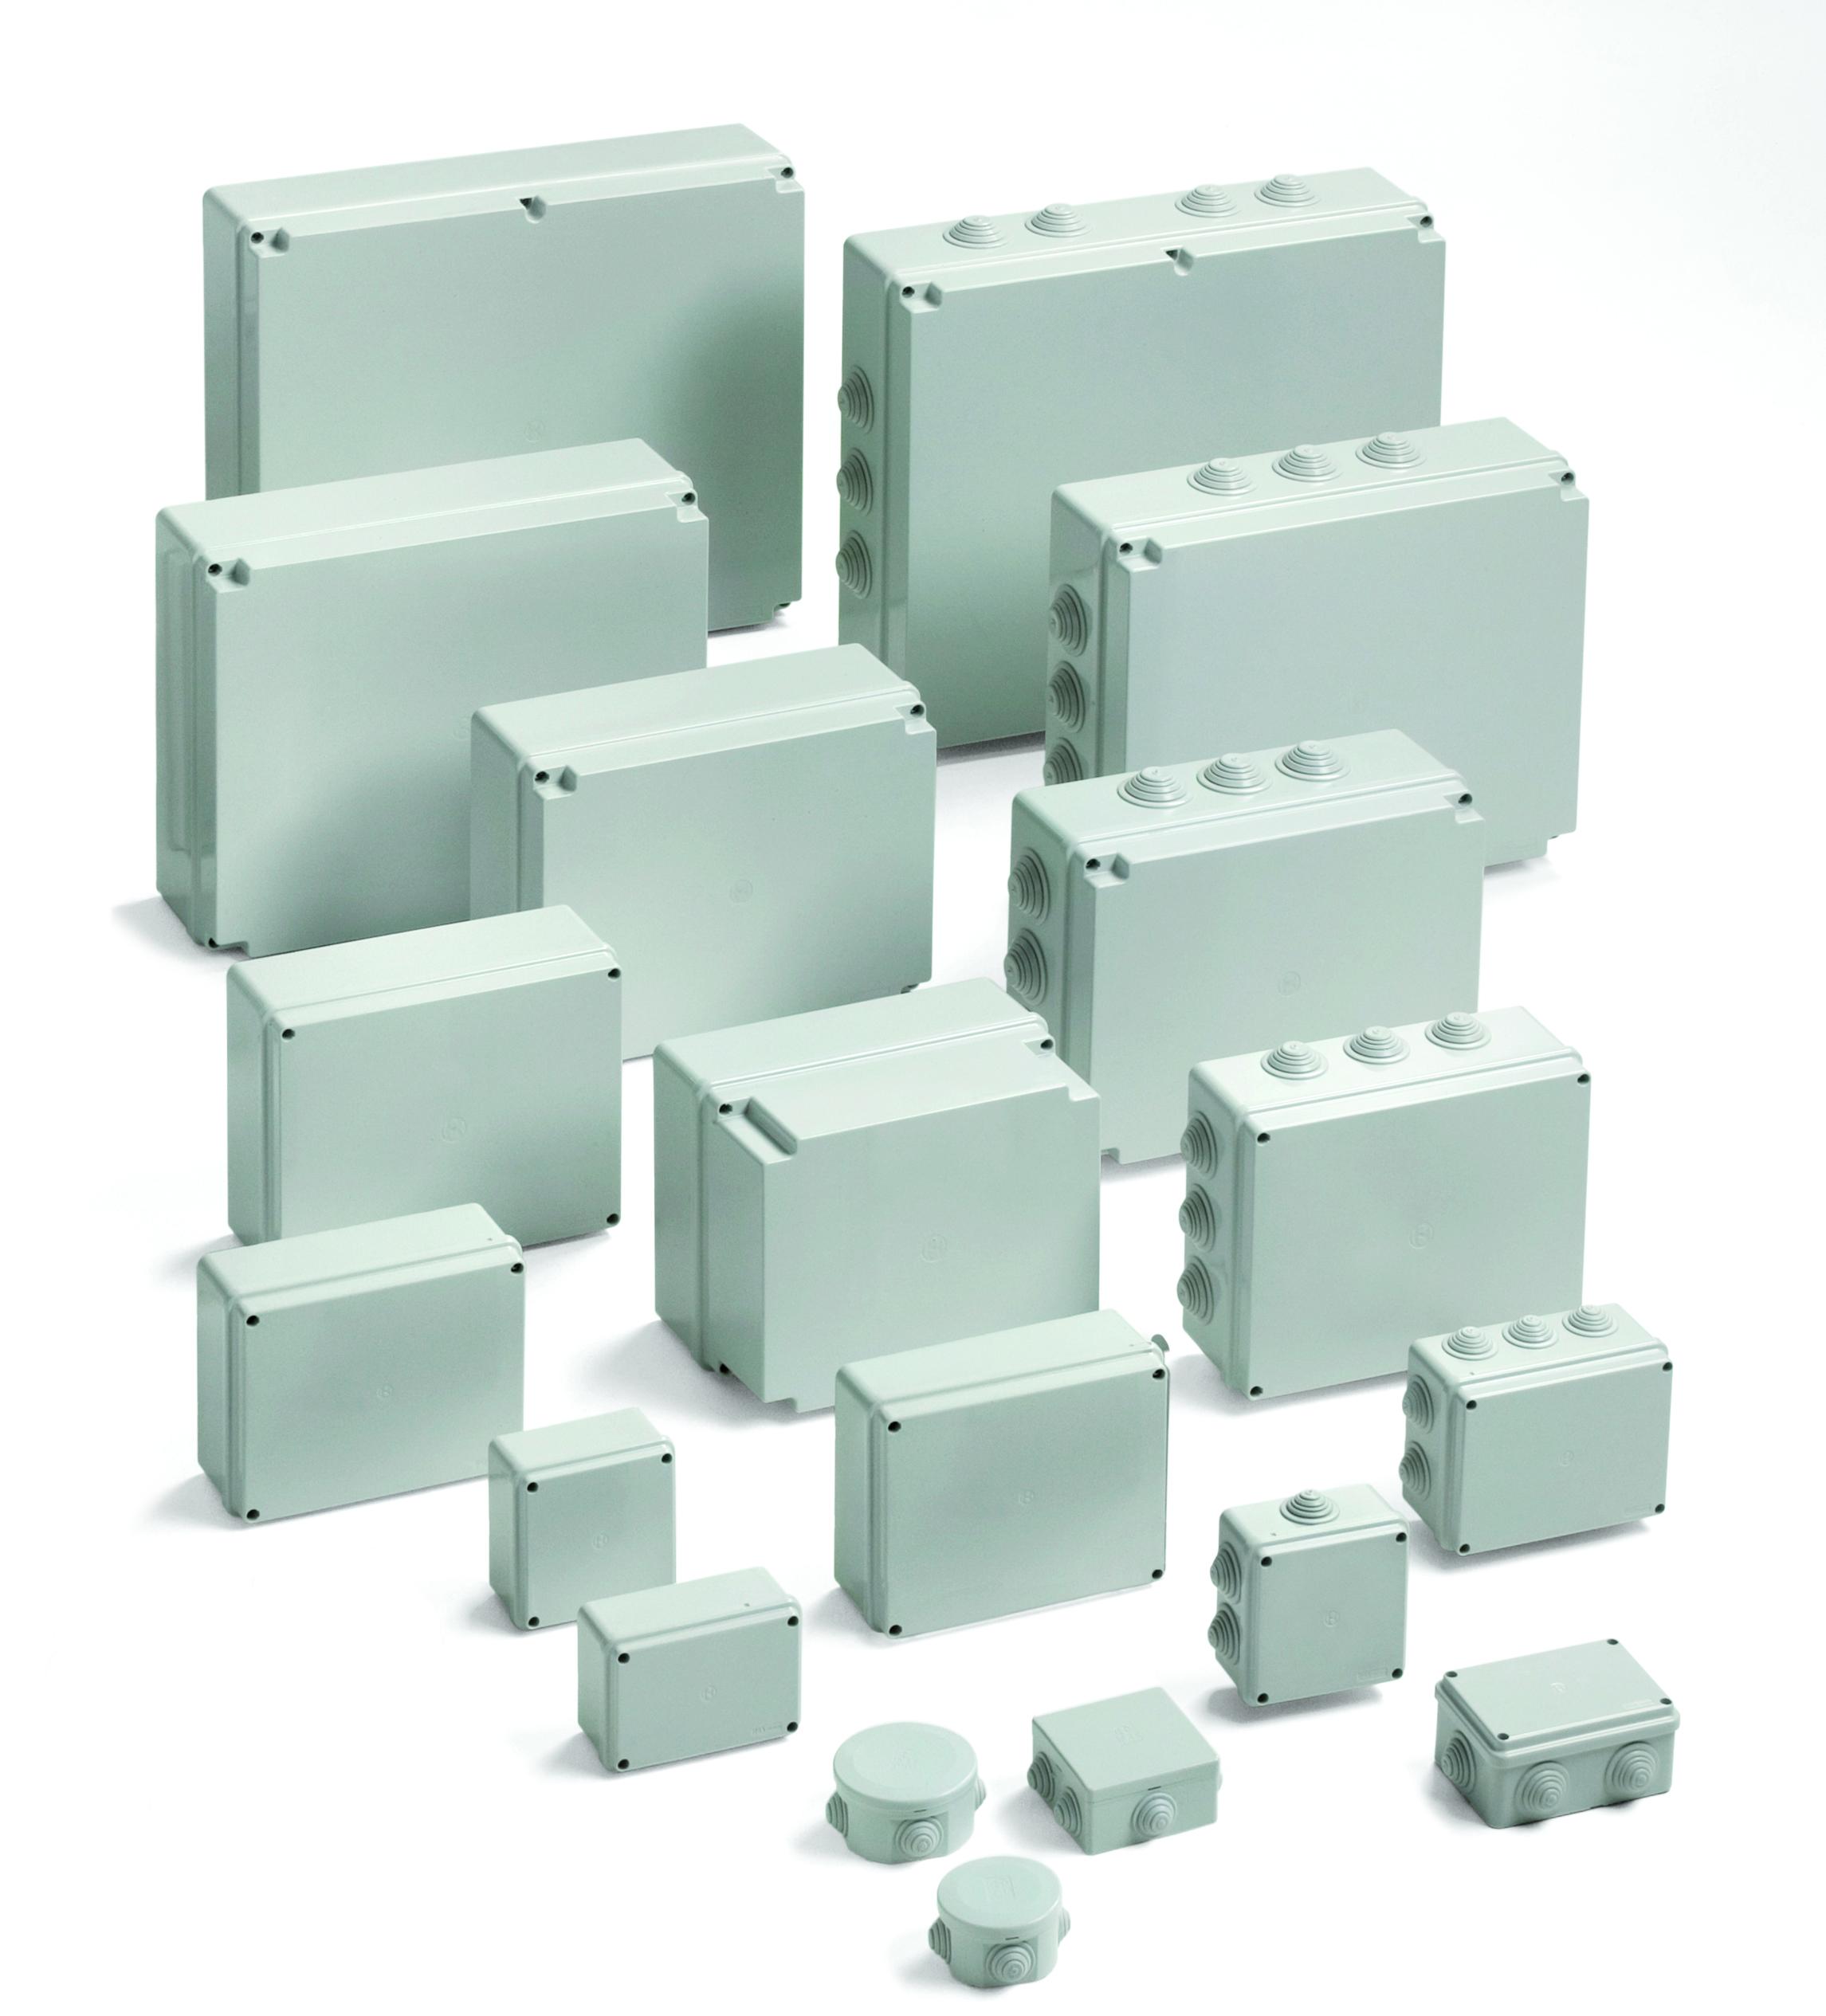 Cassette di derivazione da parete pico gwt 960 di bocchiotti for Elevata progettazione di casette